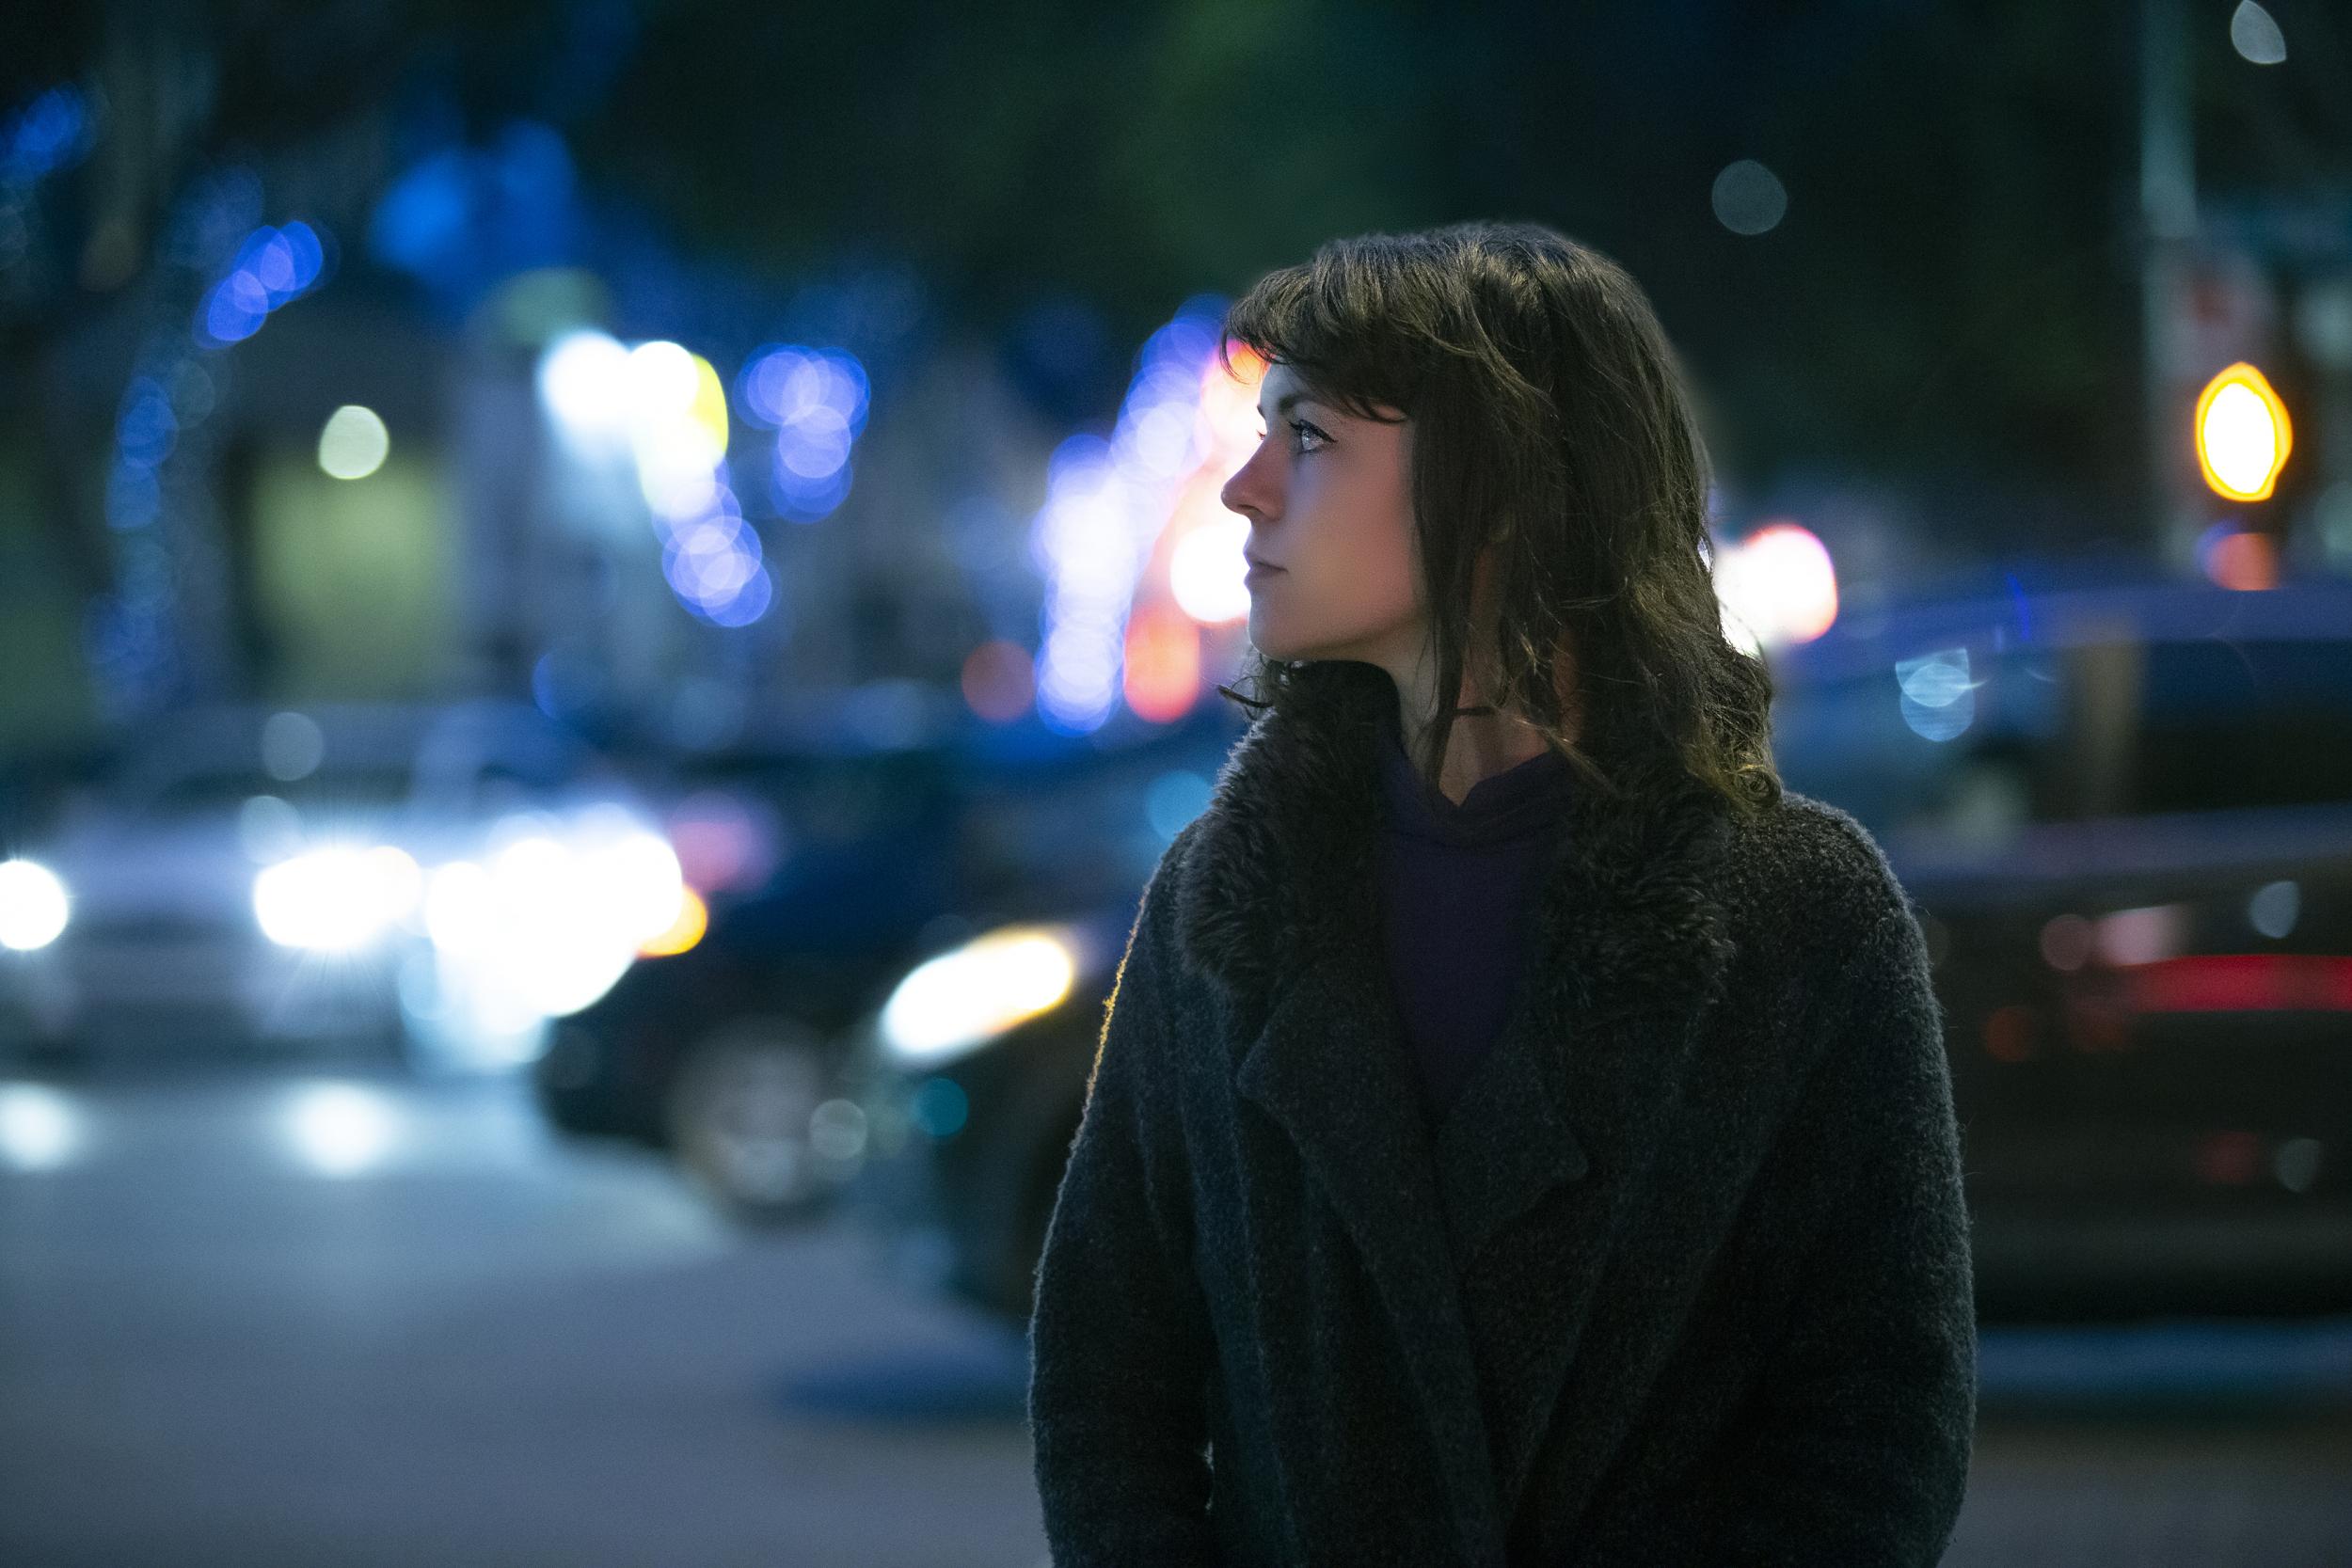 Woman walking at night city